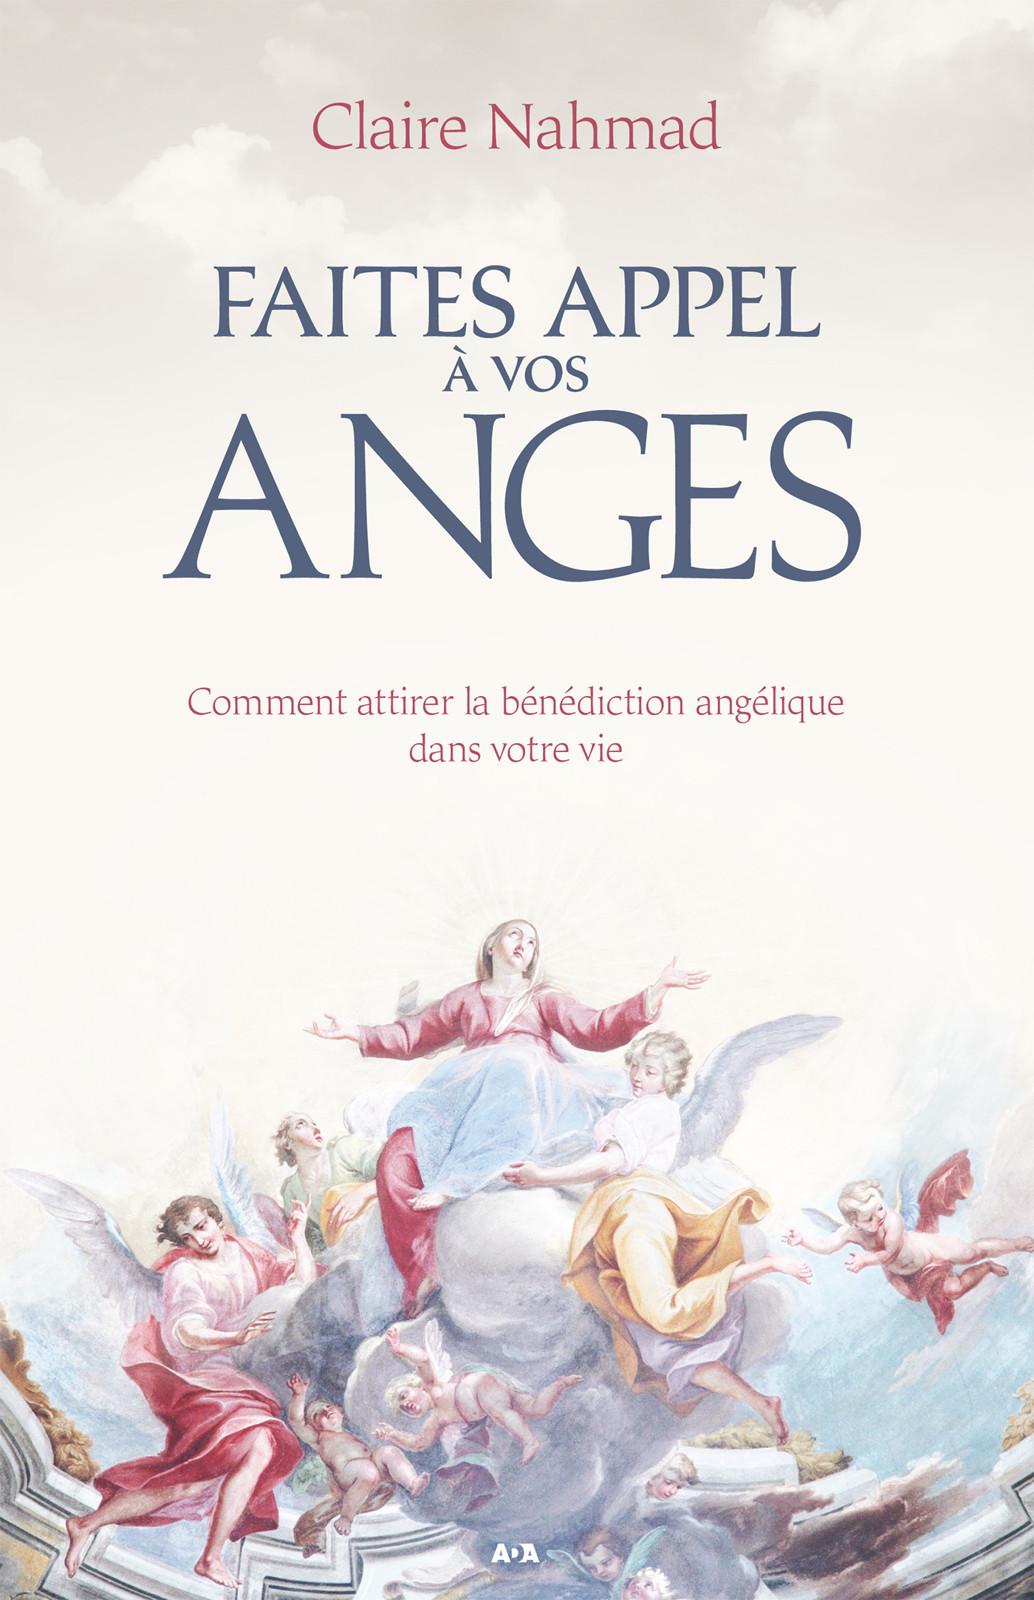 Faites appel à vos anges, Comment attirer la bénédiction angélique dans votre vie